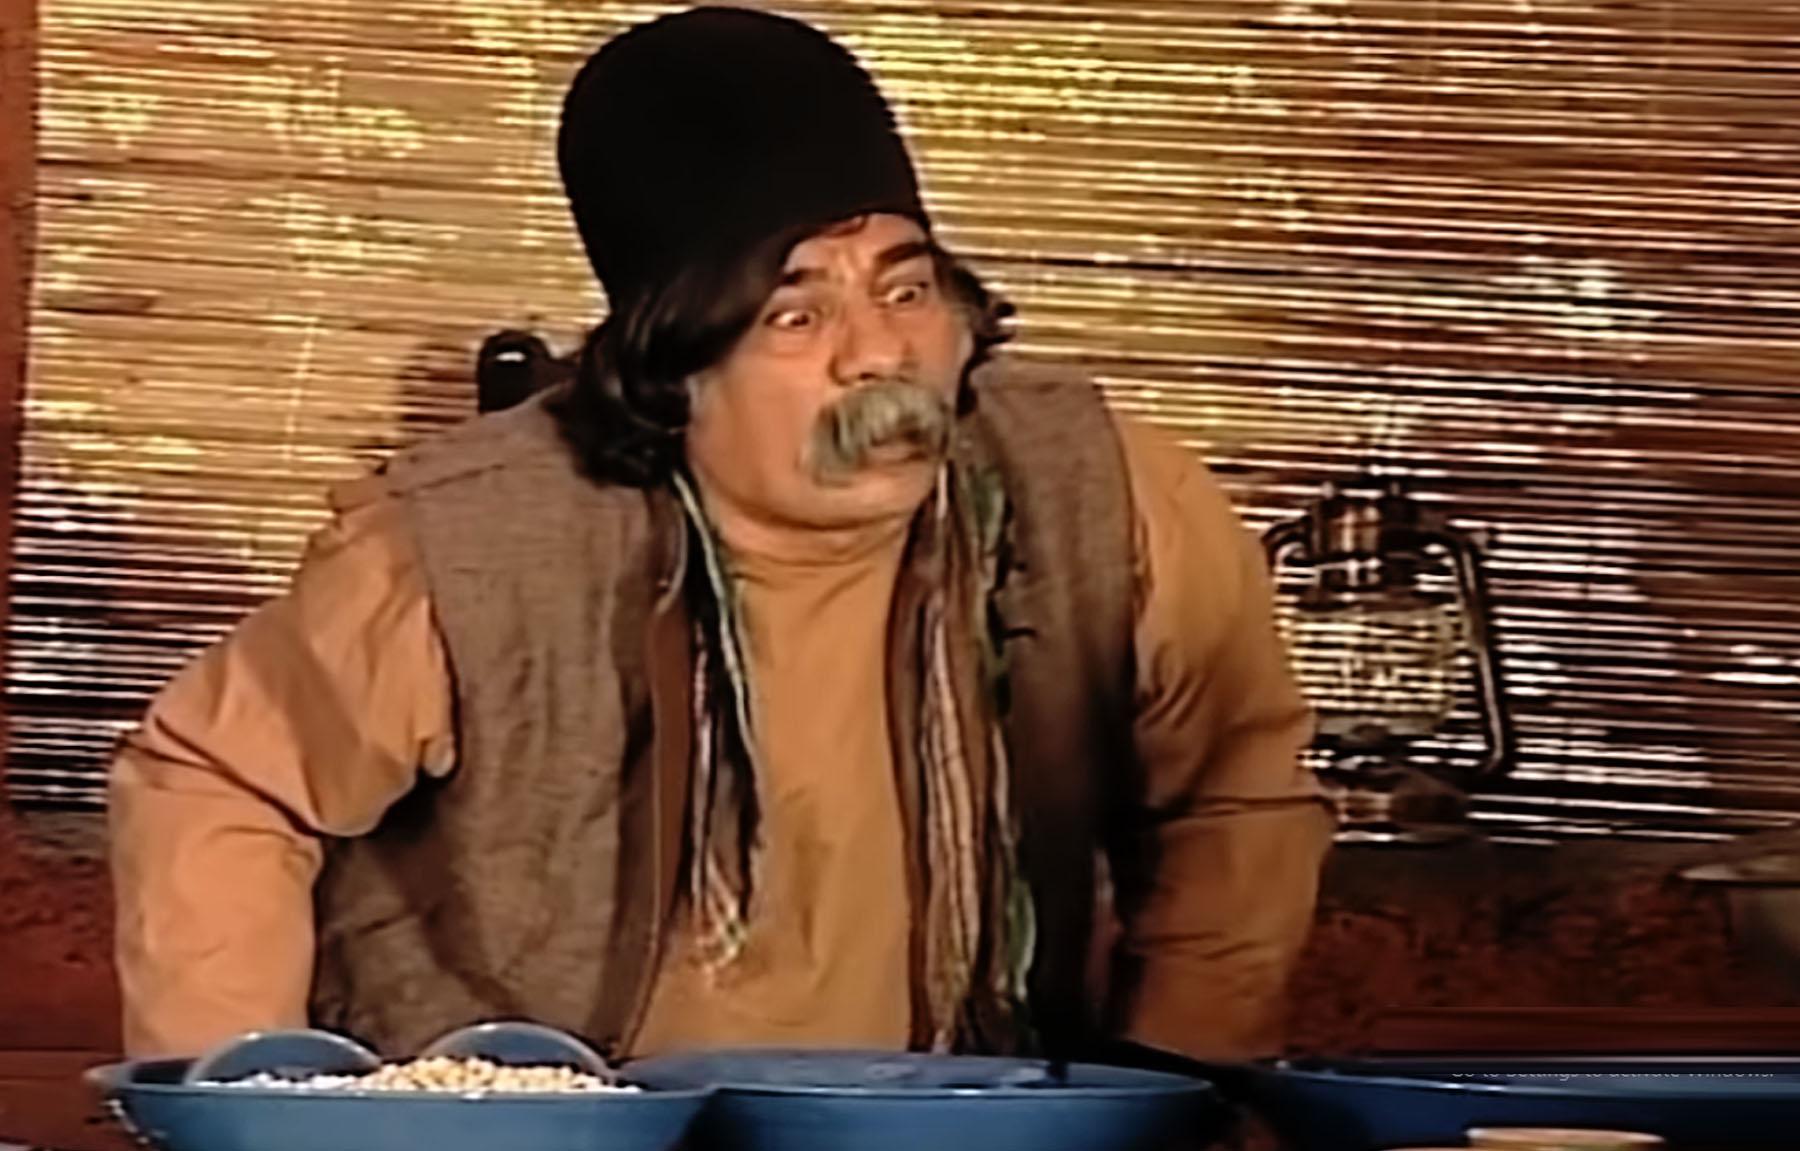 تصویر از سیدجلال طباطبایی بازیگر سریال شب های برره و خانه به دوش بر اثر سکته قلبی درگذشت